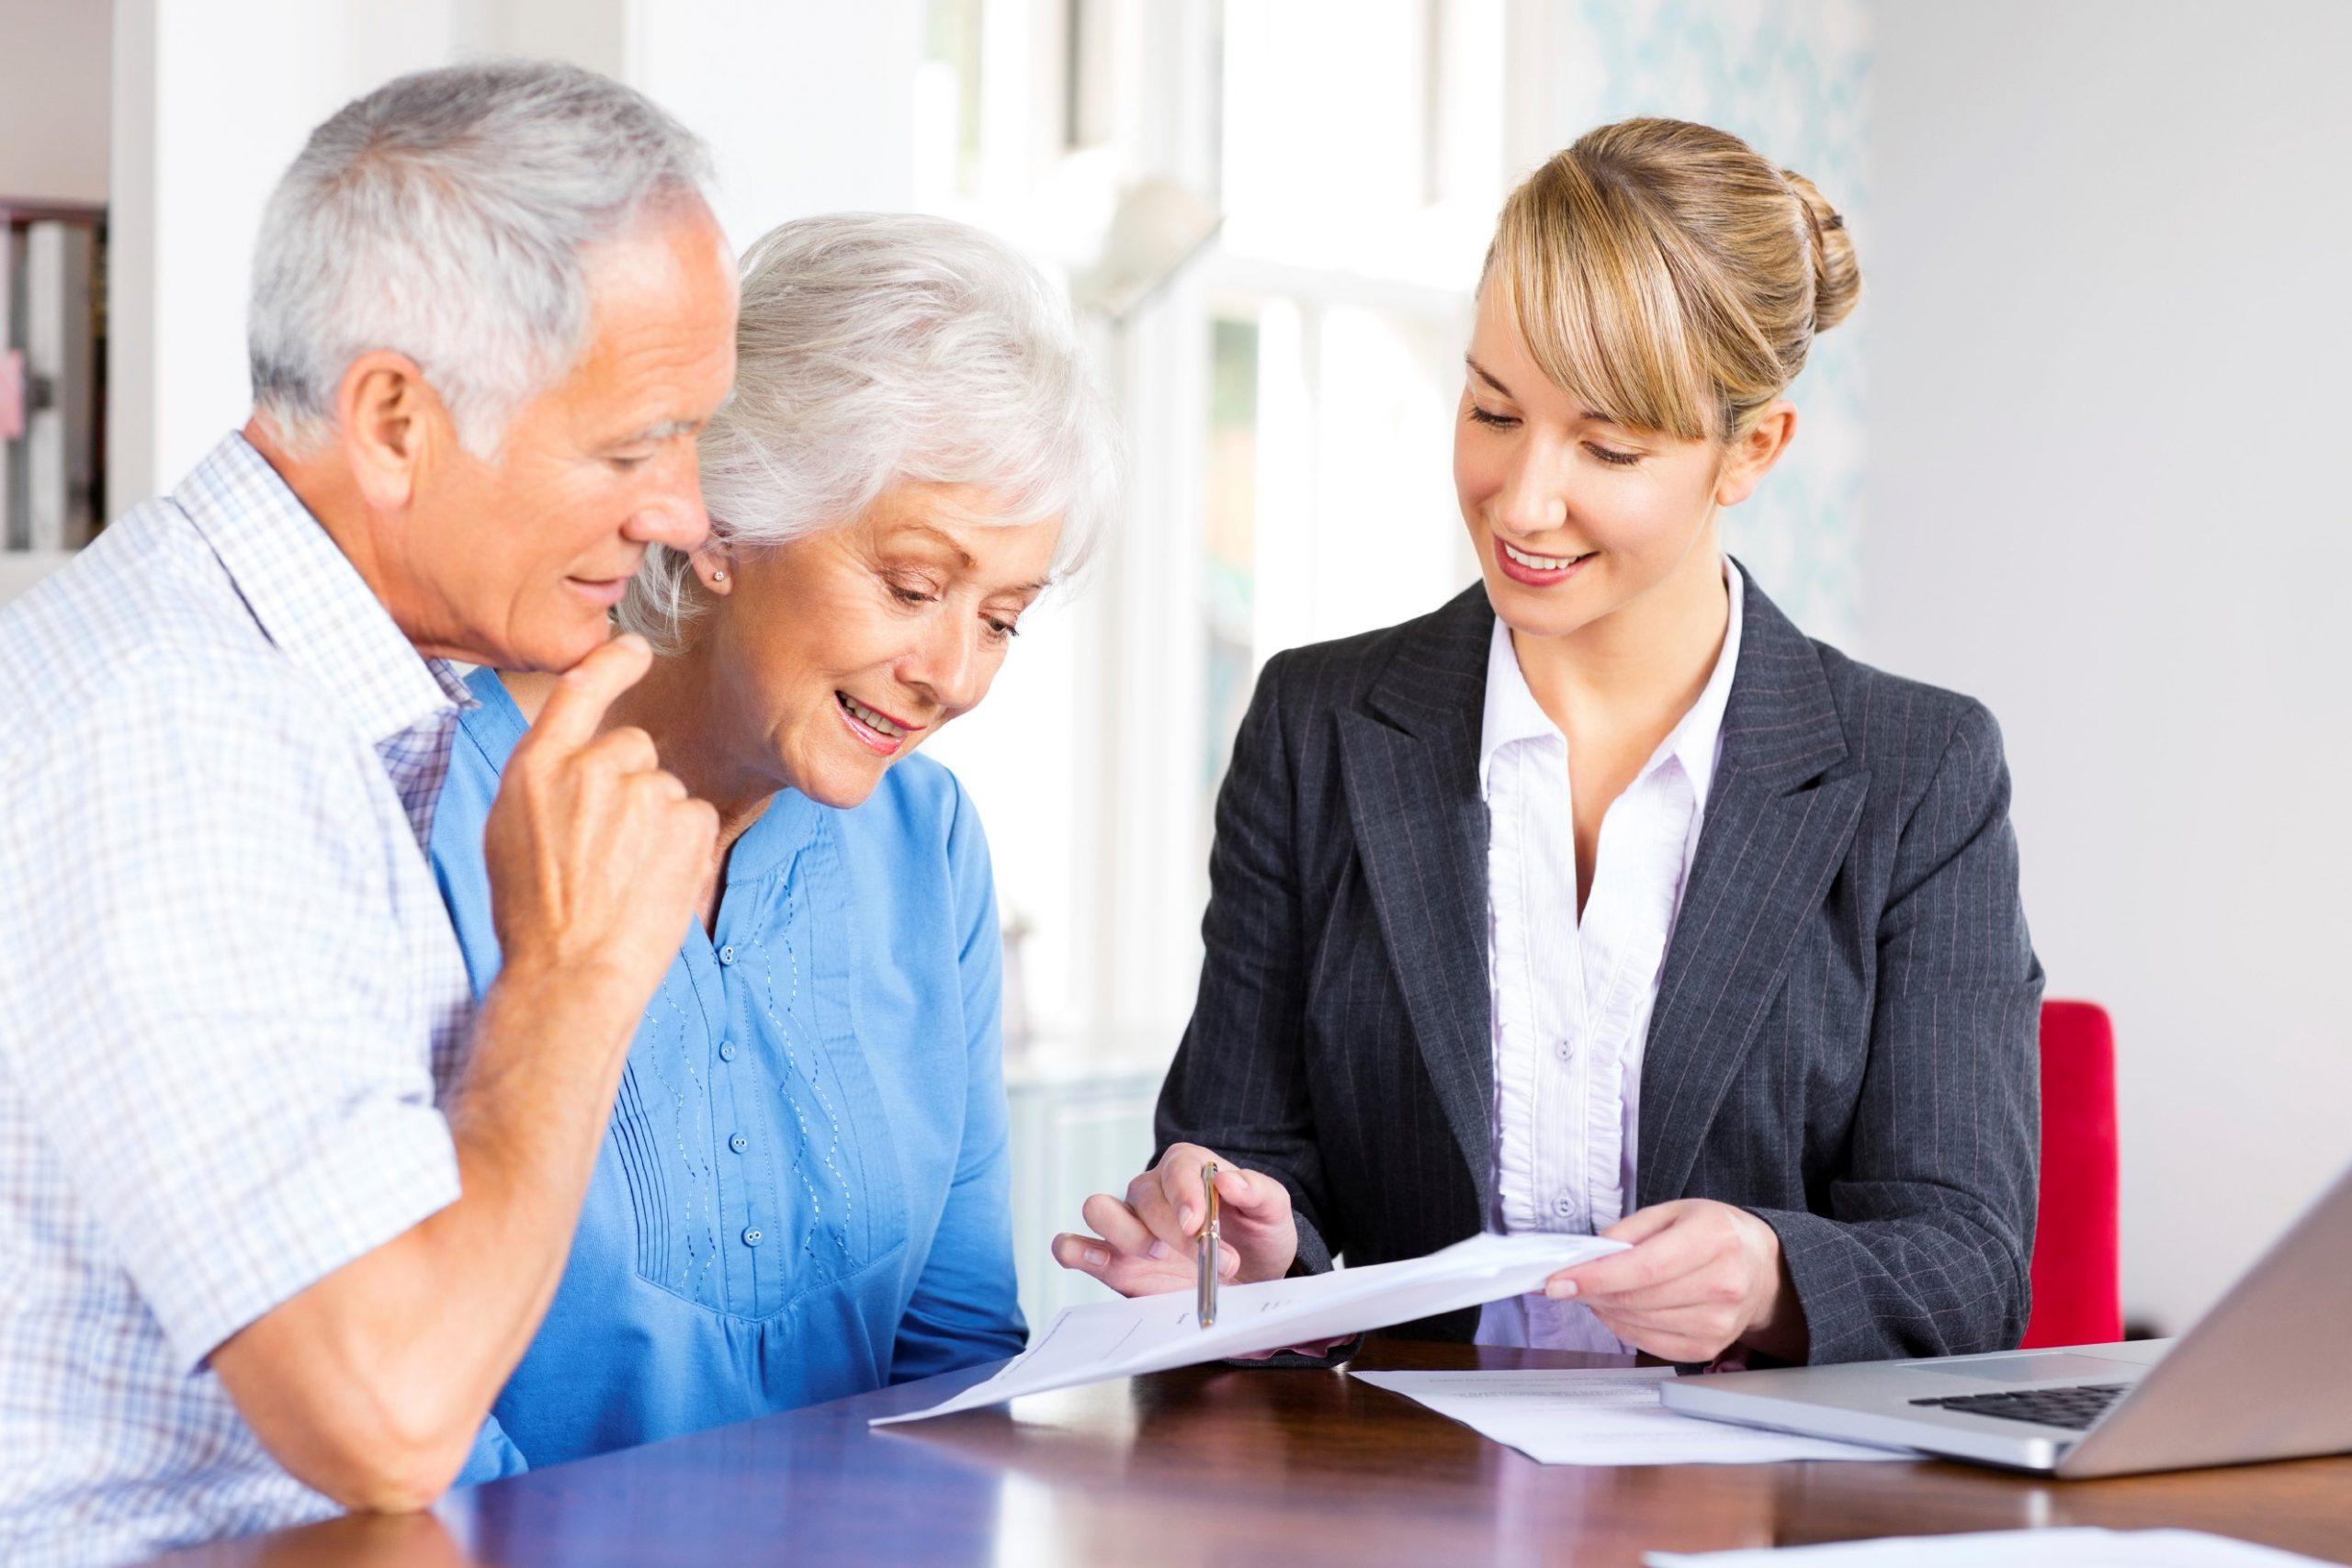 Для пенсионеров и граждан предпенсионного возраста будут работать консультационные пункты службы занятости и органов соцзащиты